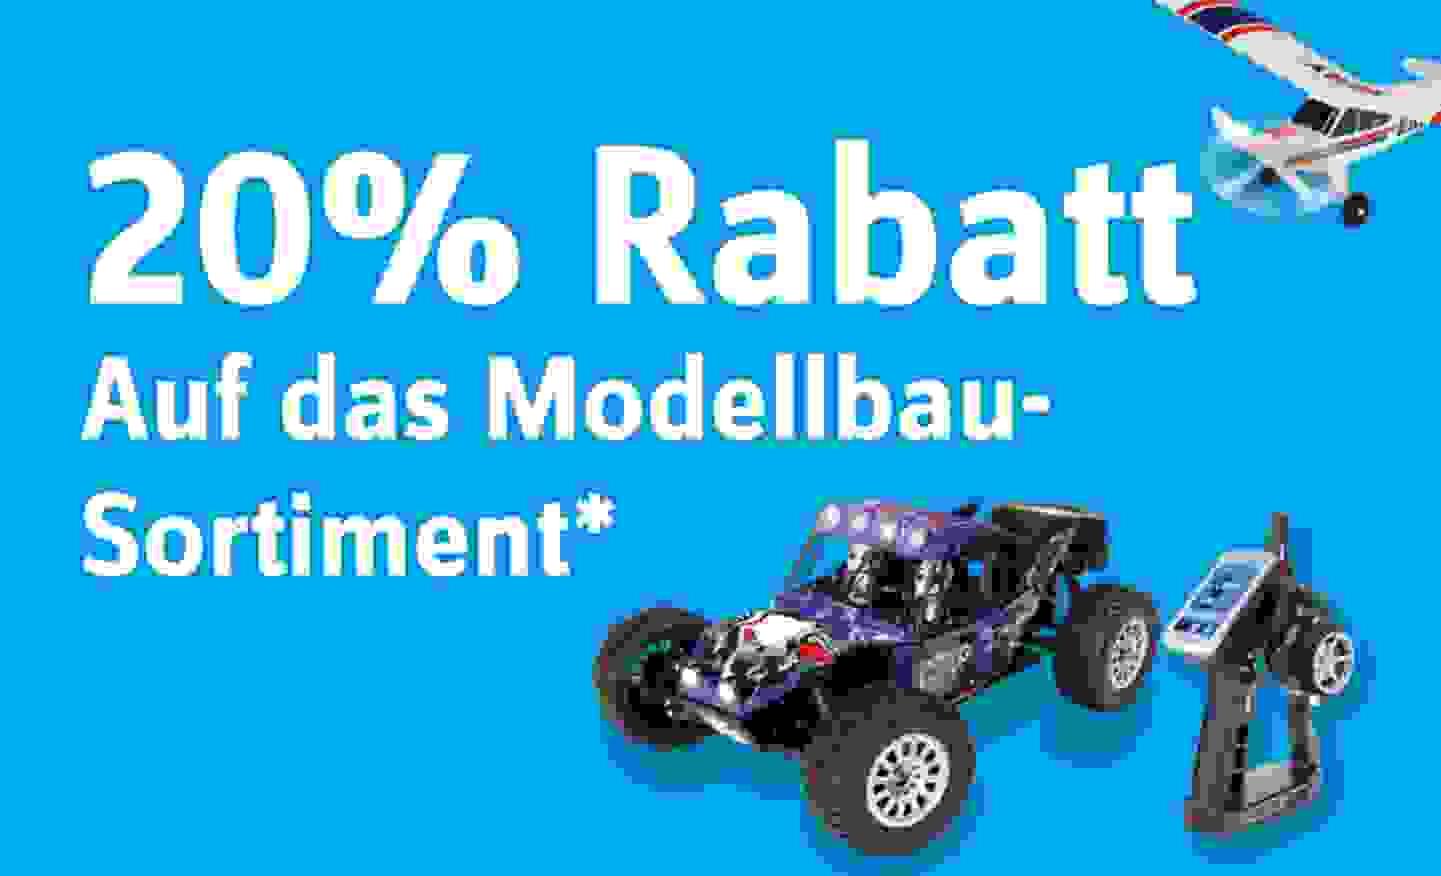 20% Rabatt auf das Modellbau-Sortiment